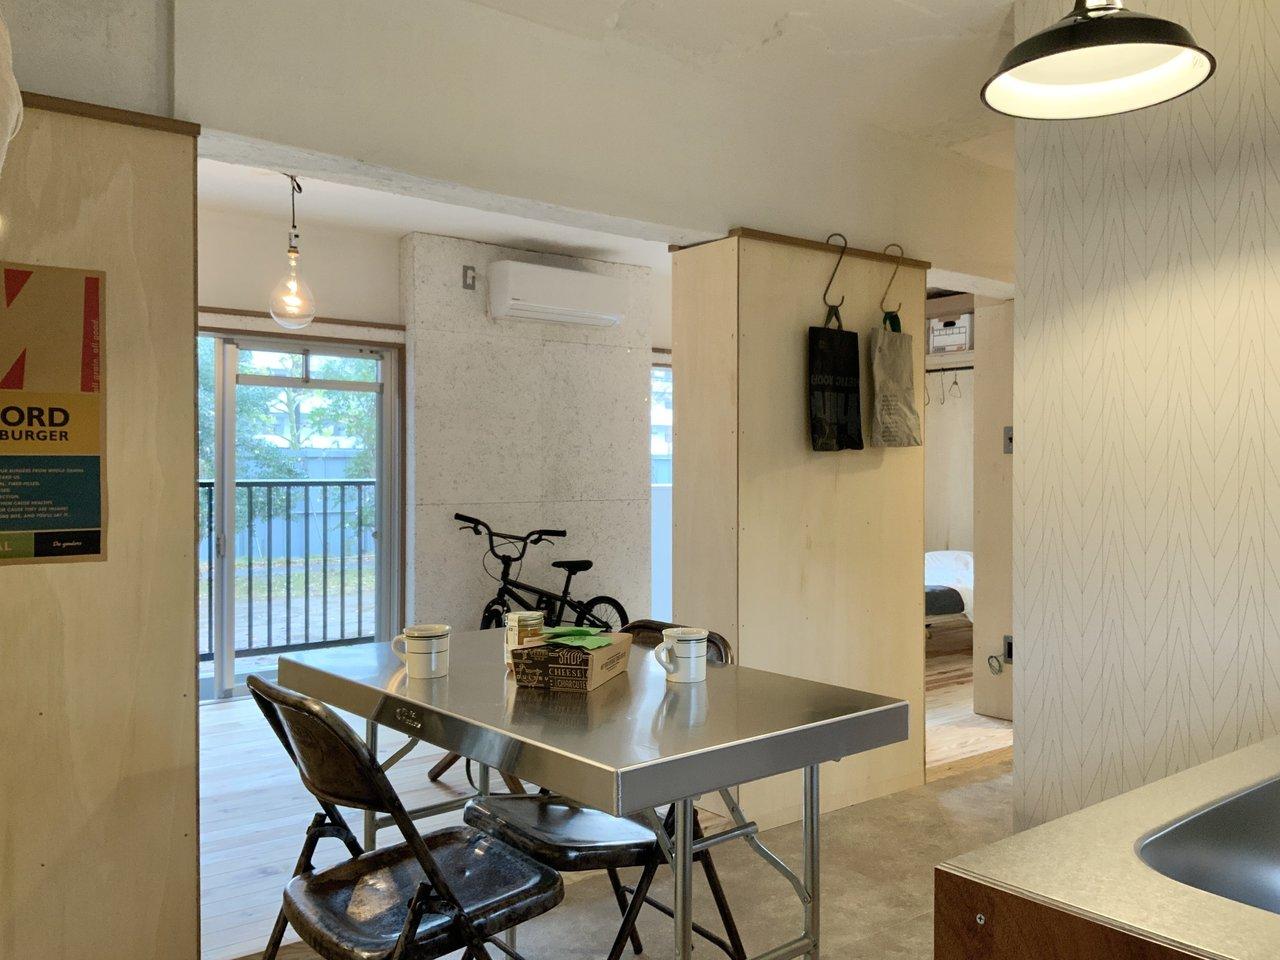 キッチンから見ると、こんな感じ。食べる場所と、リラックスしたり作業をしたりする場所をきっちり分けられるのも、ダイニングキッチンのいいところ。